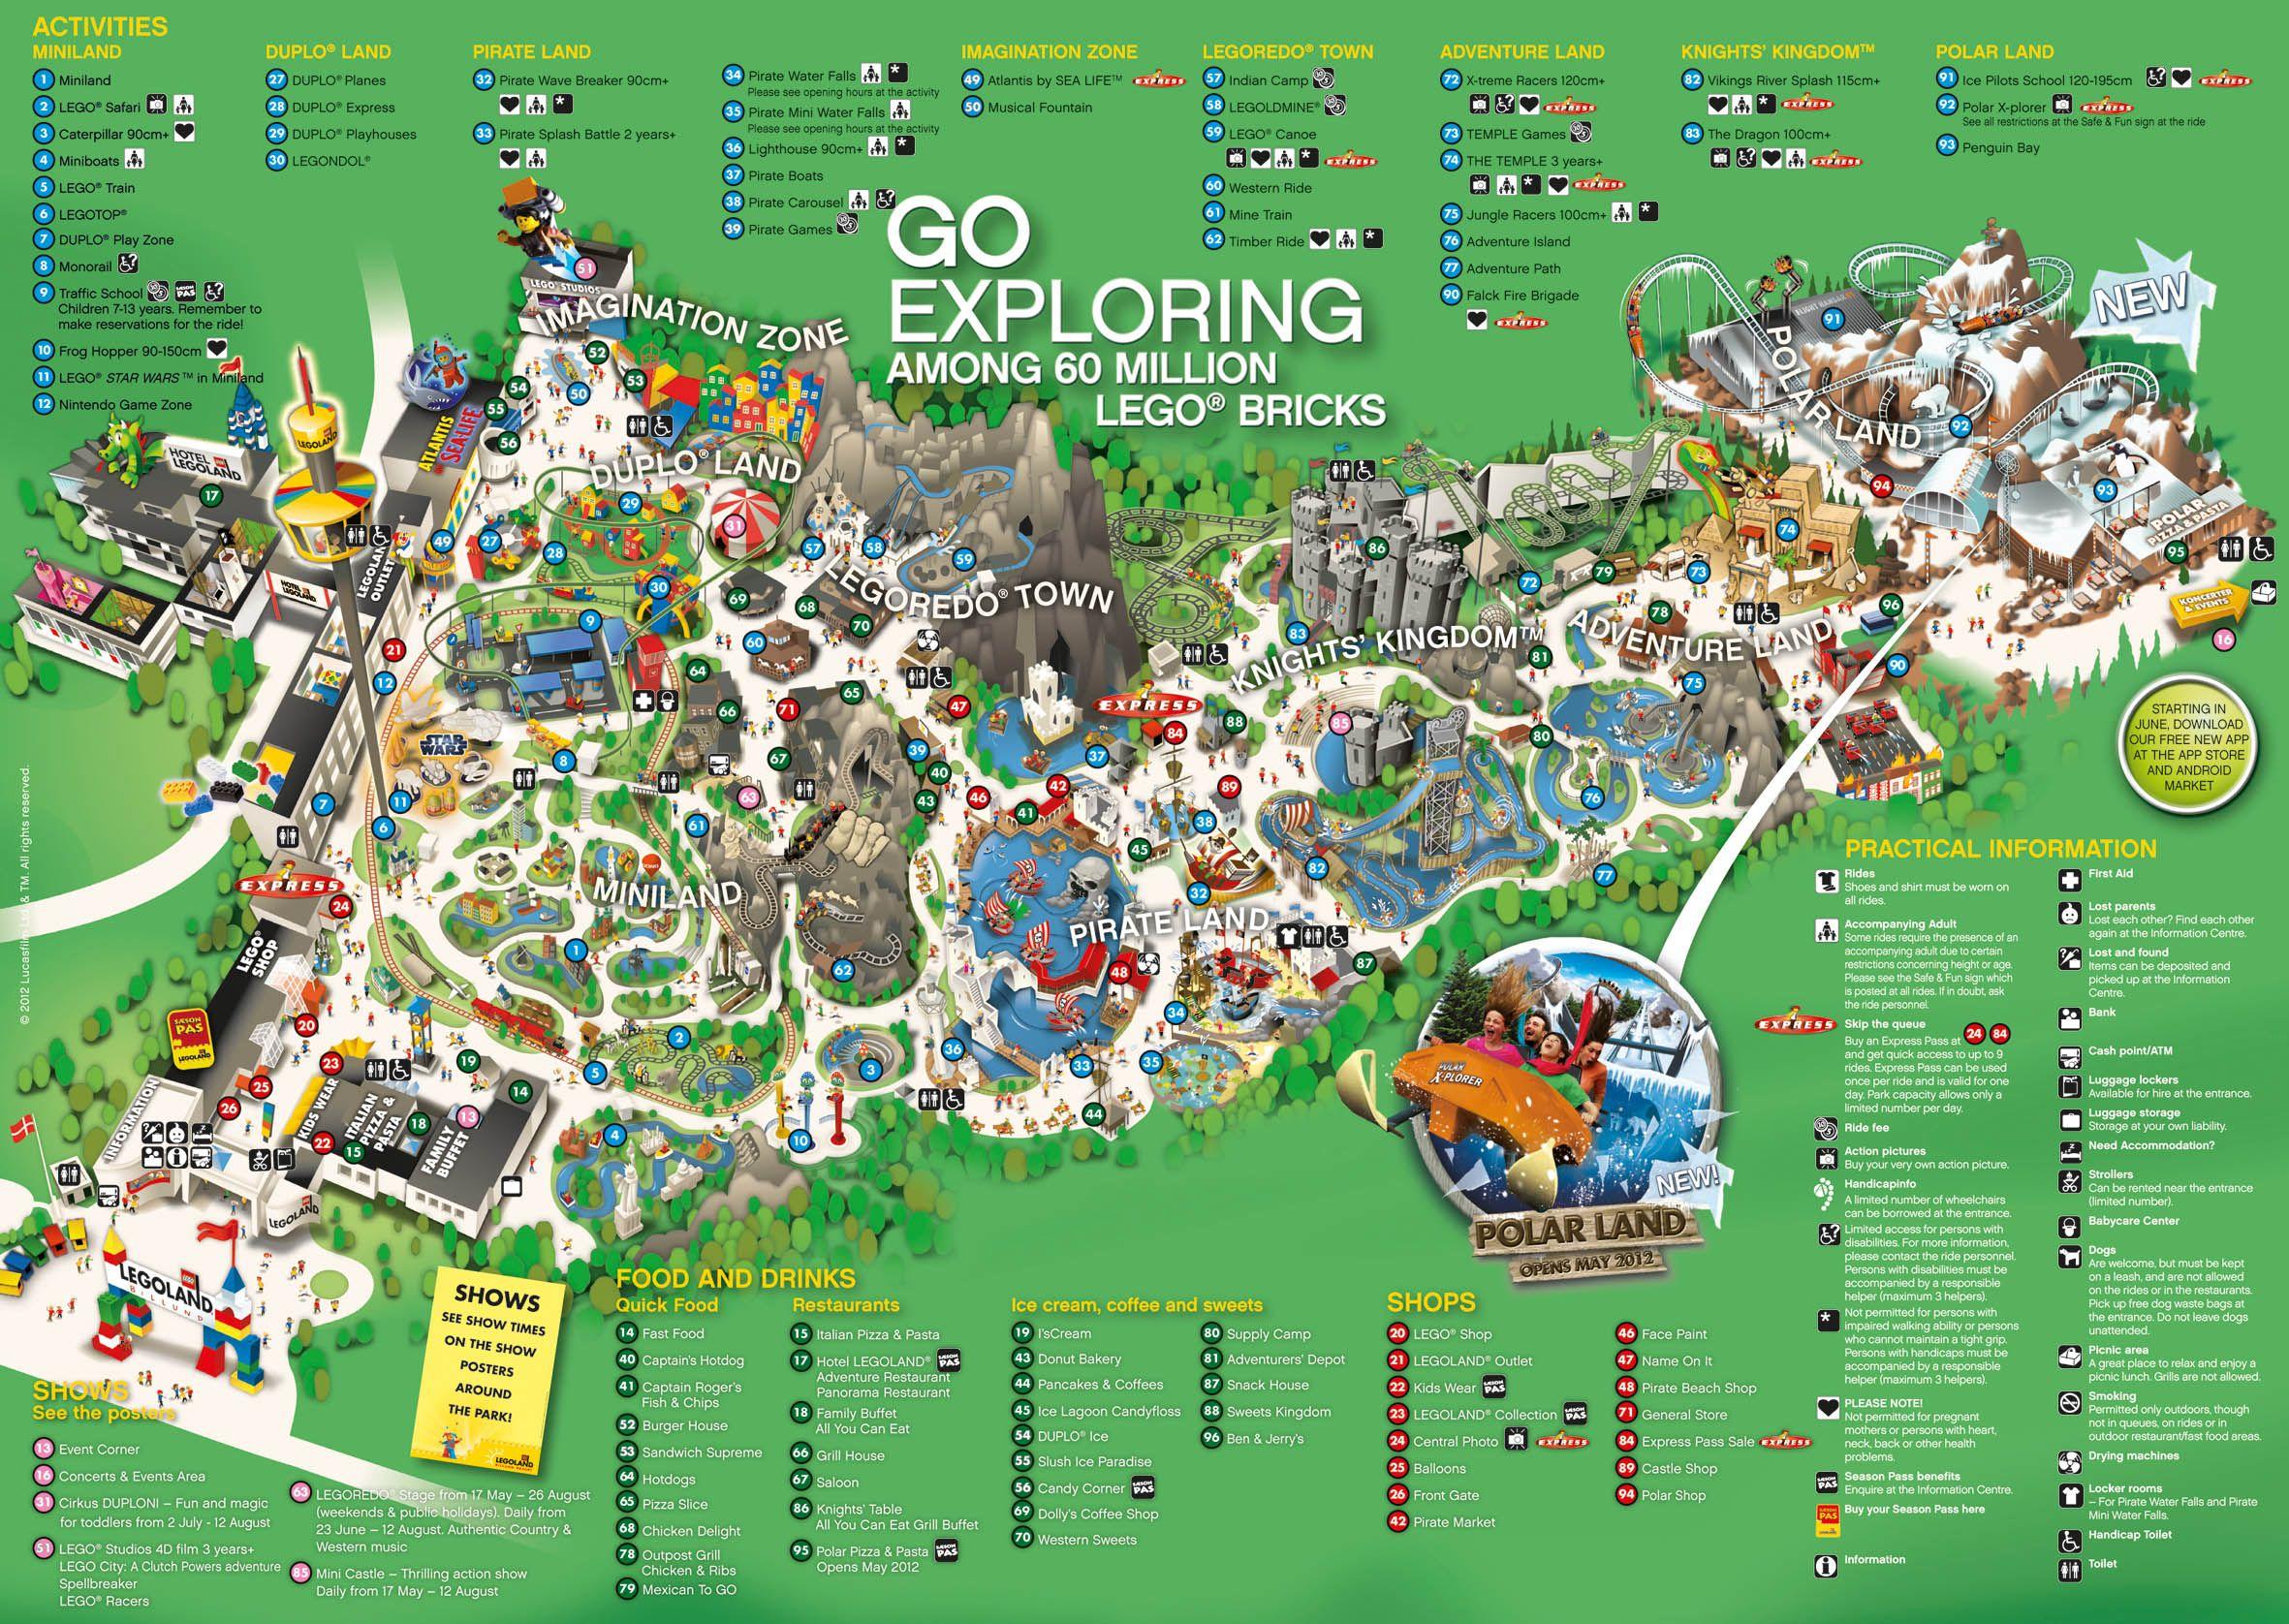 Схема (карта) парка Леголенд